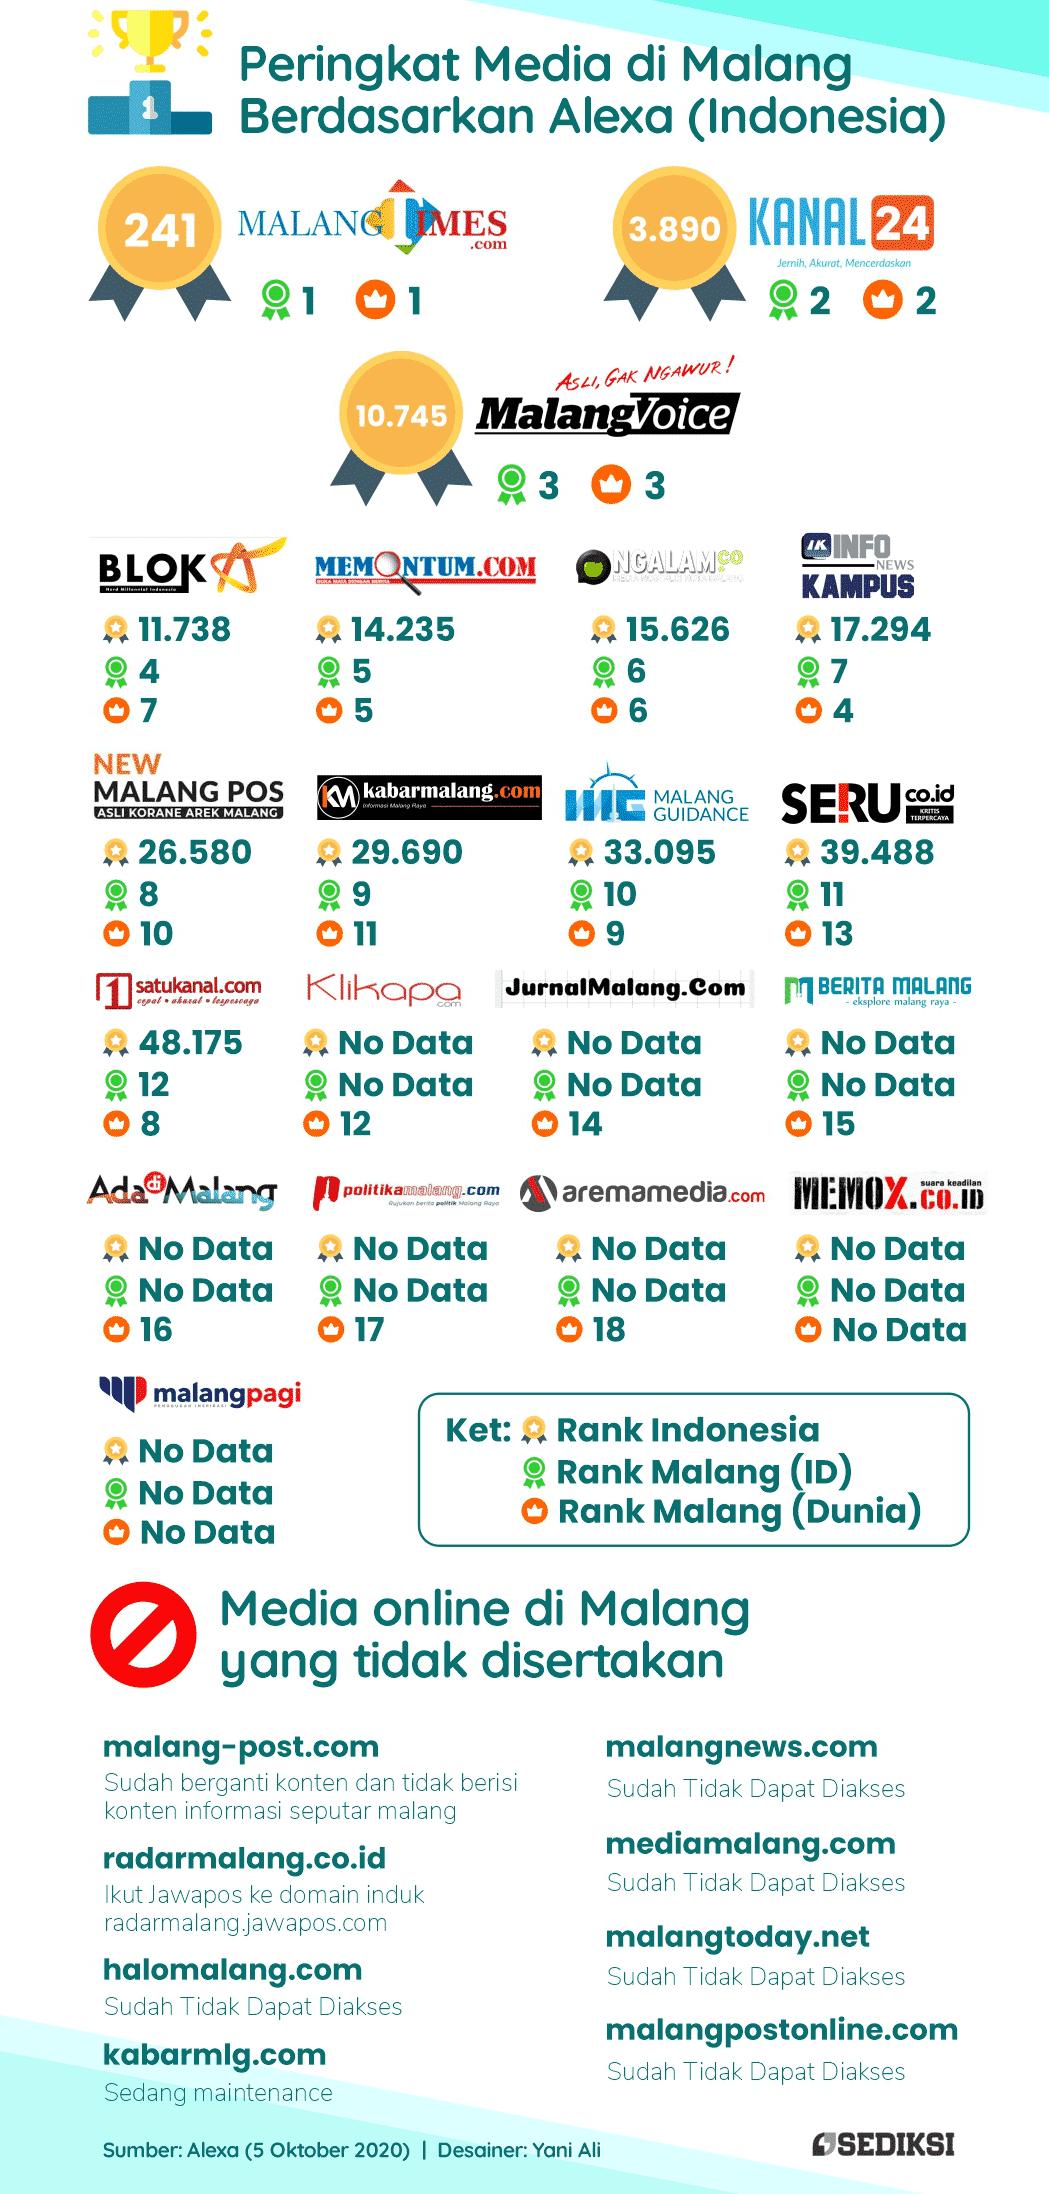 Infografik Peringkat Media di Malang